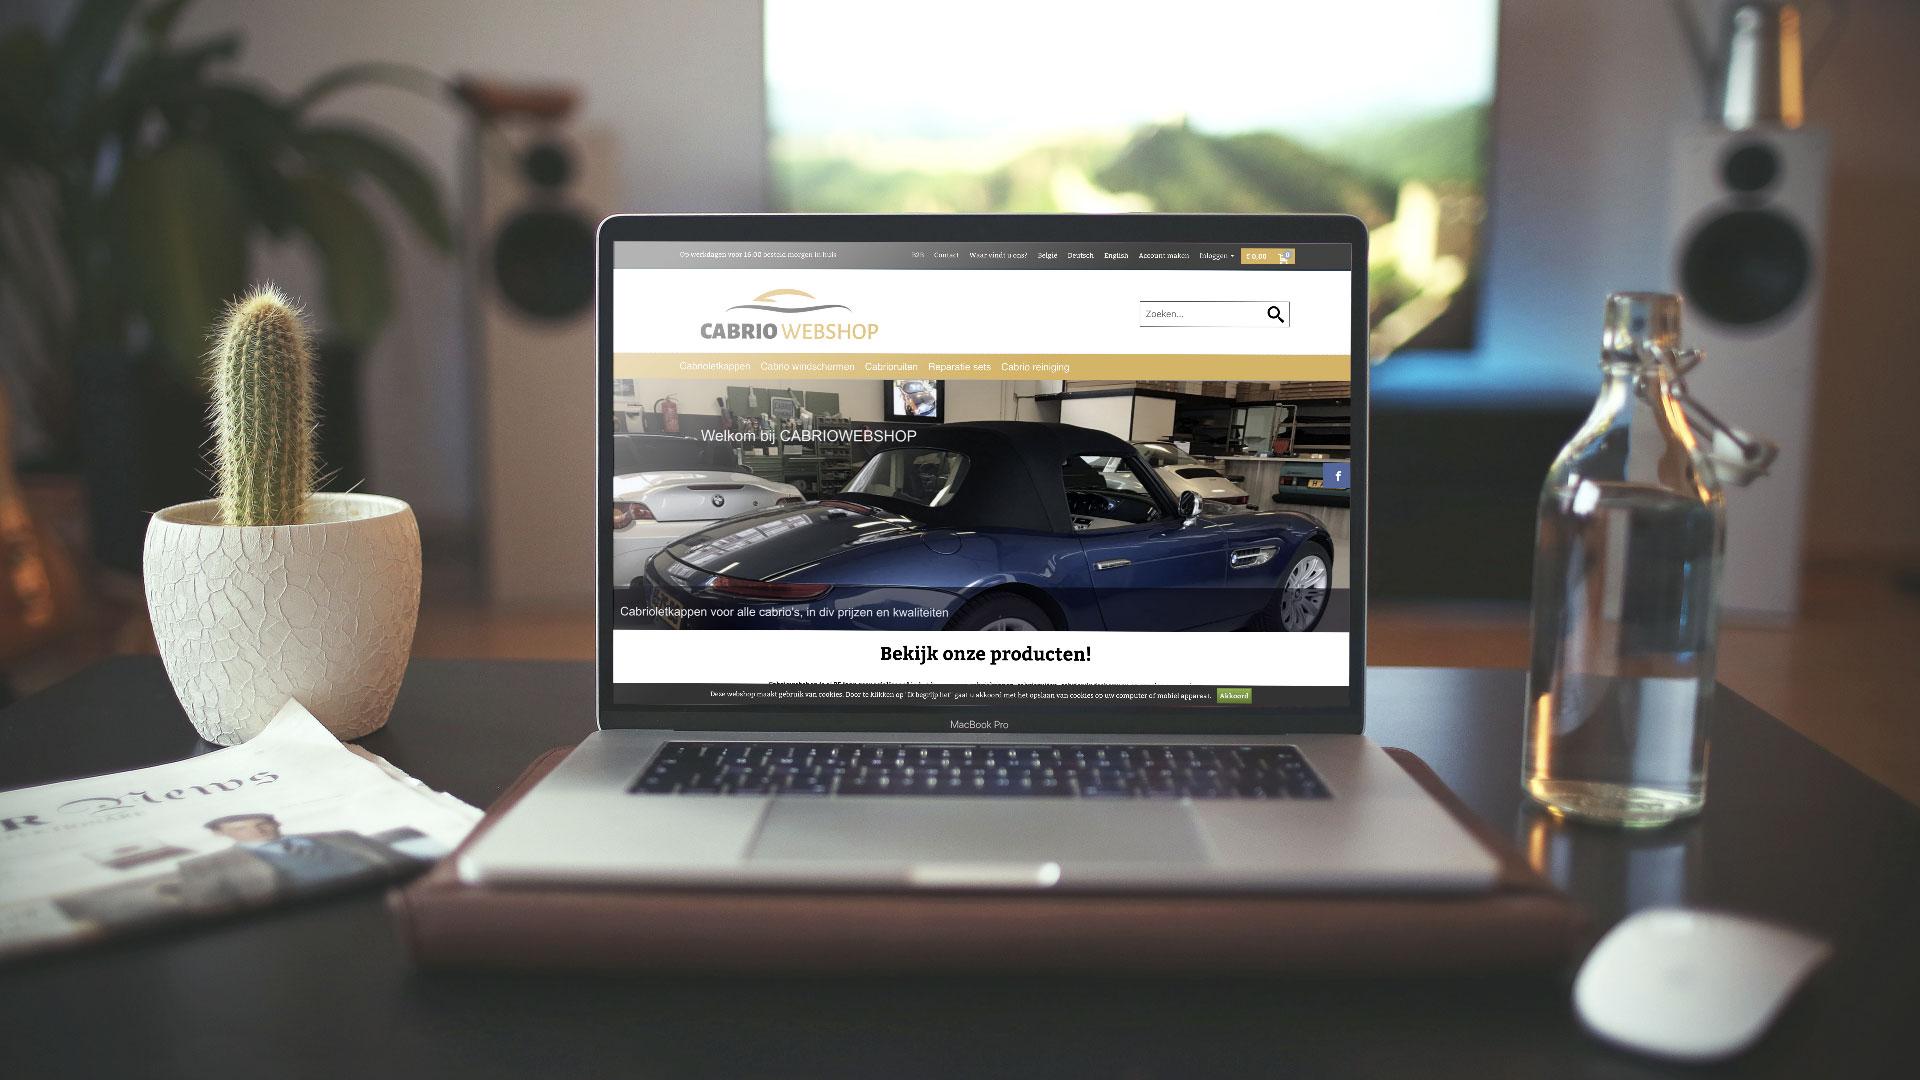 Cabrio Webshop